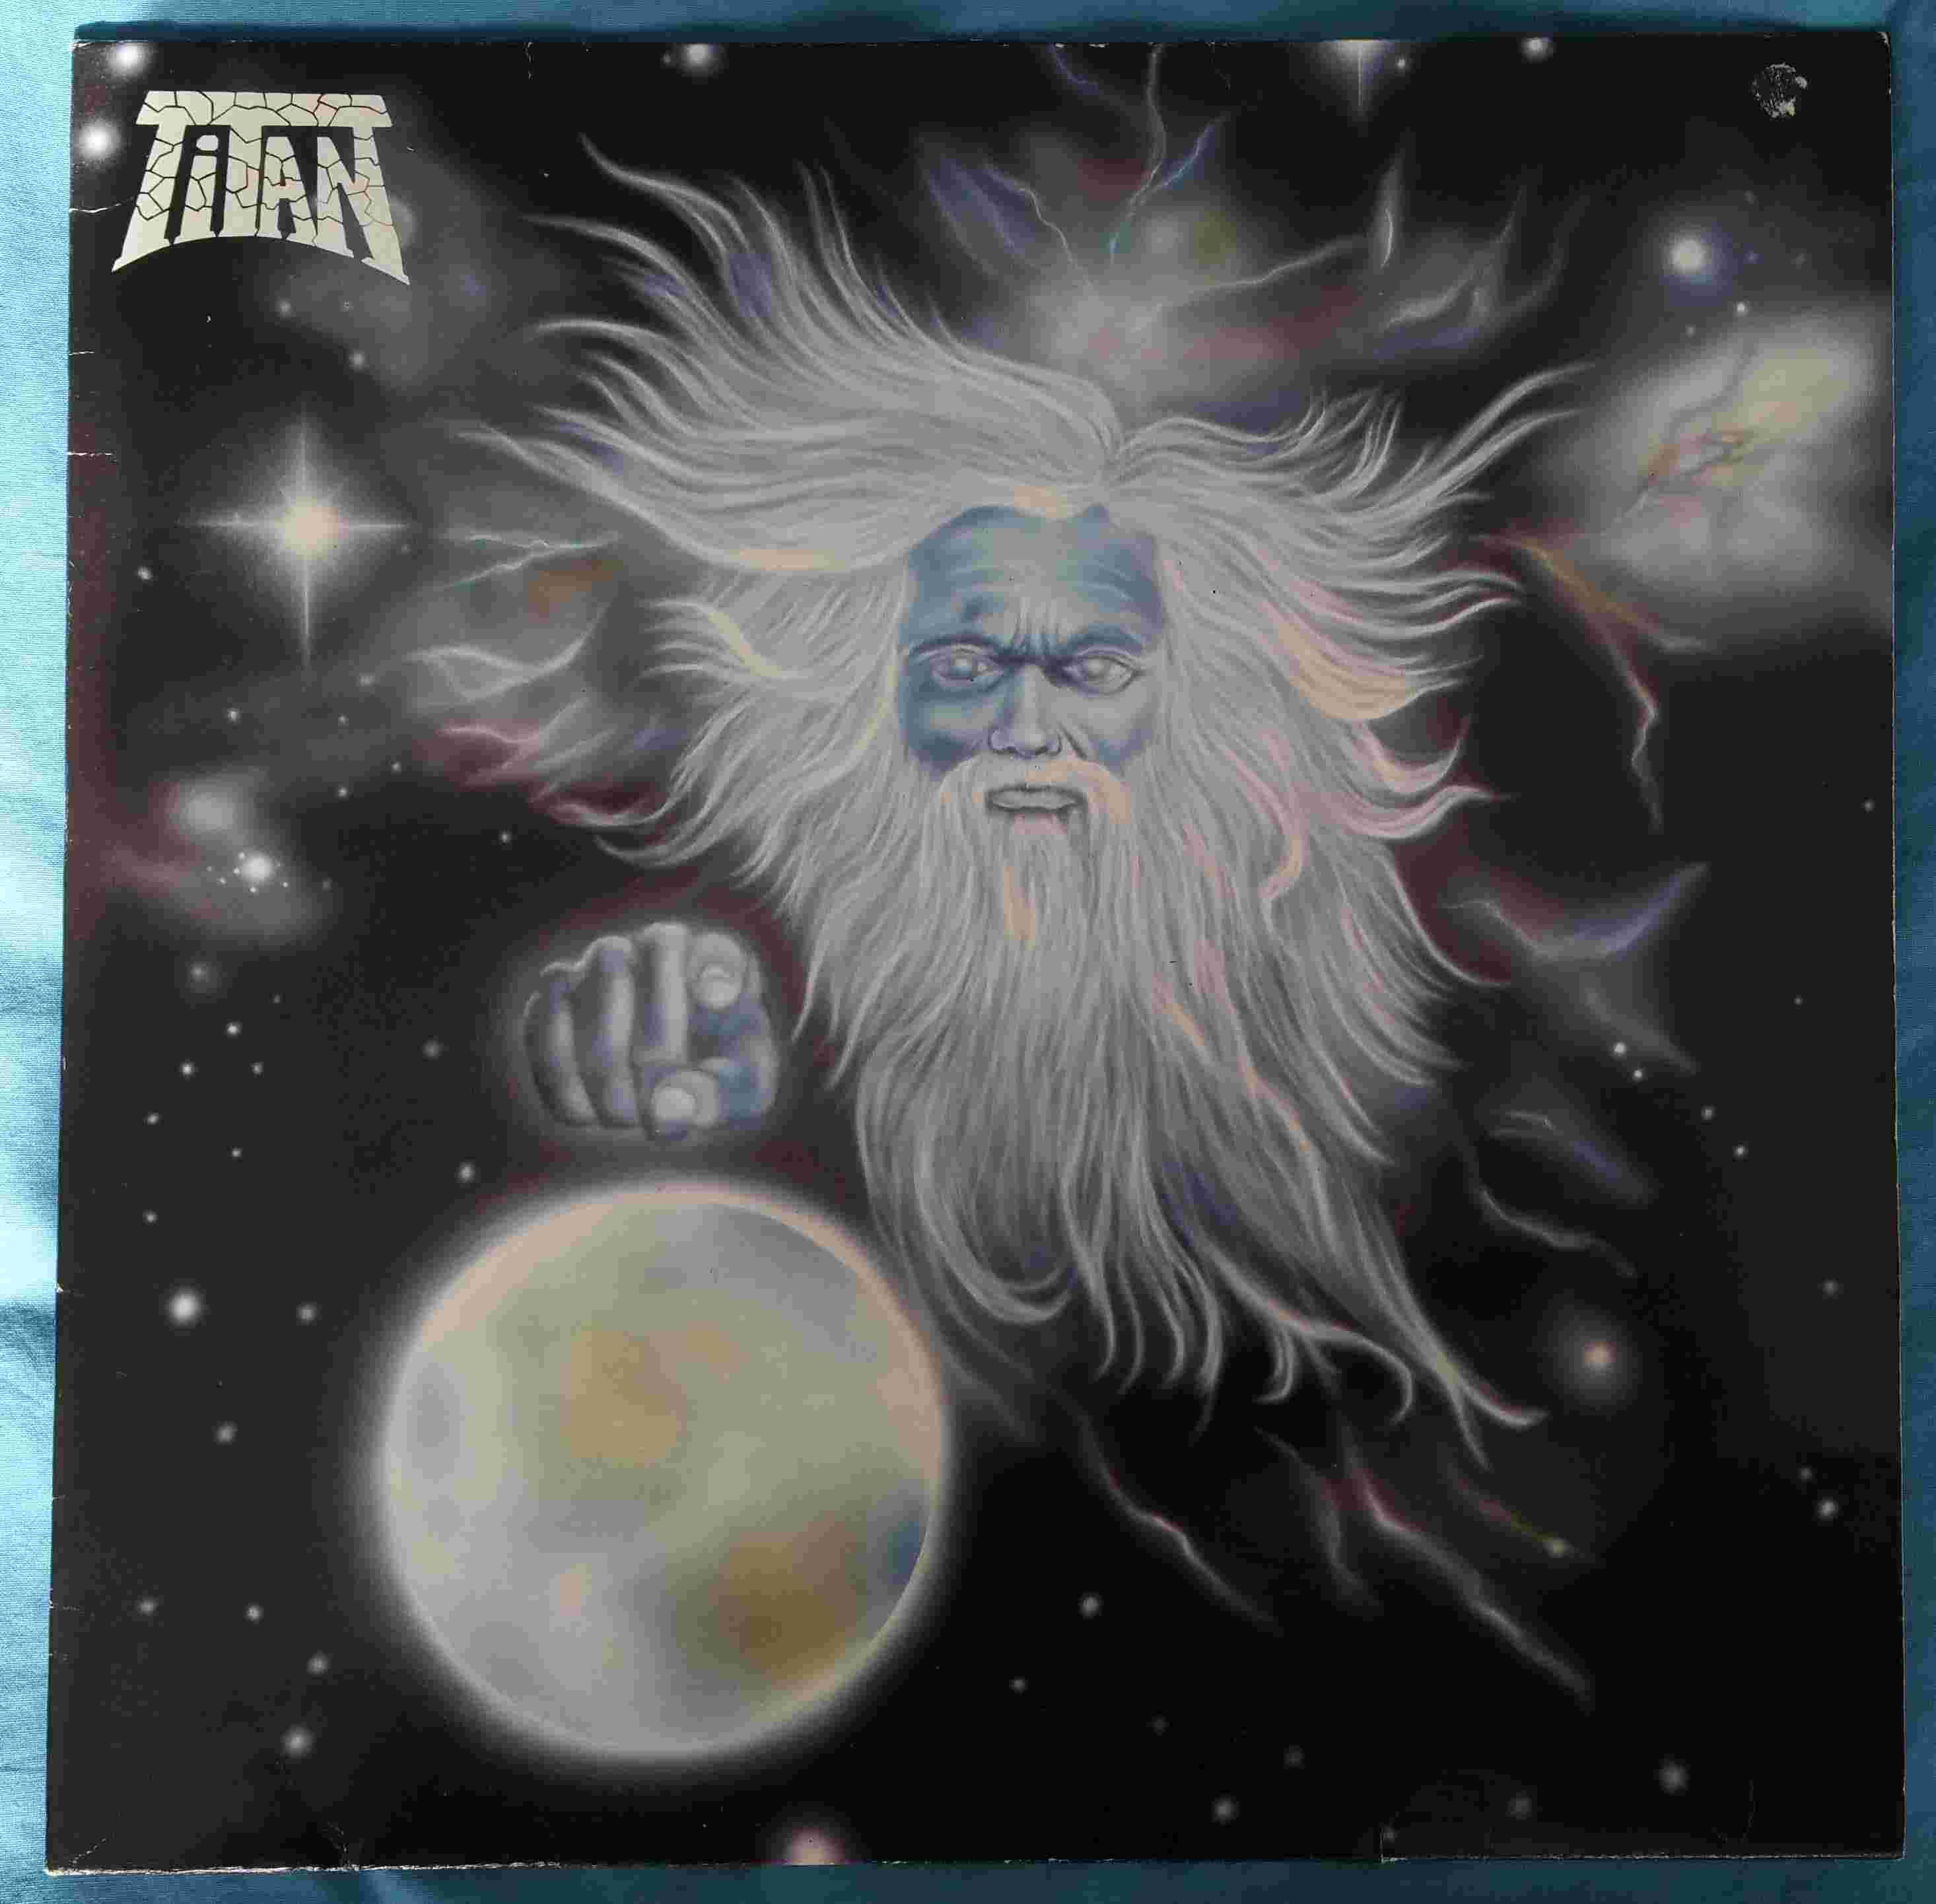 Paroles du premier album de TITAN (1986) 20160212